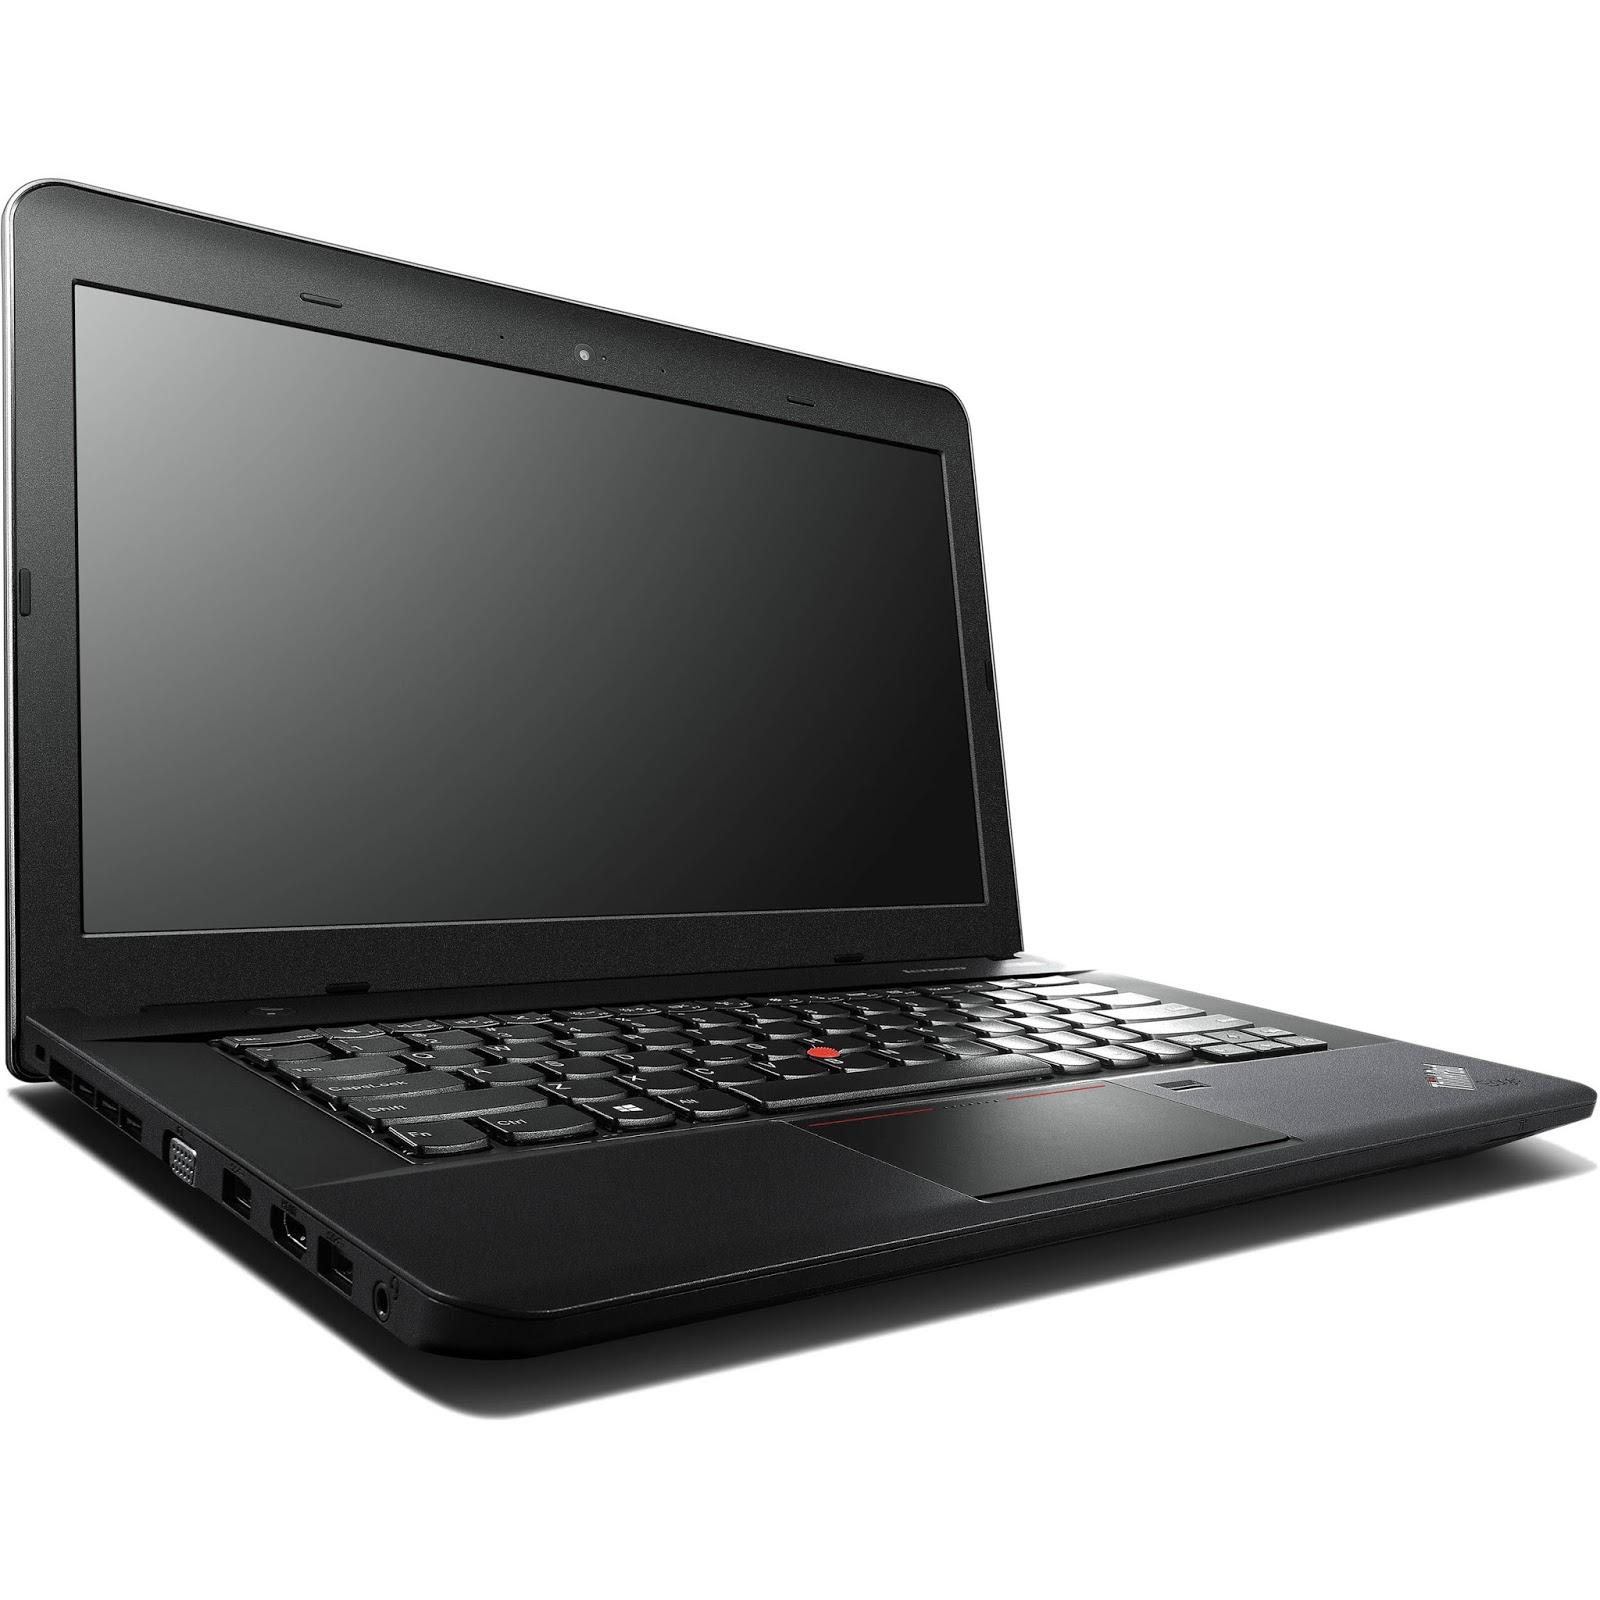 Lenovo ThinkPad Edge E431 Treiber Windows 10/8/7/XP Download